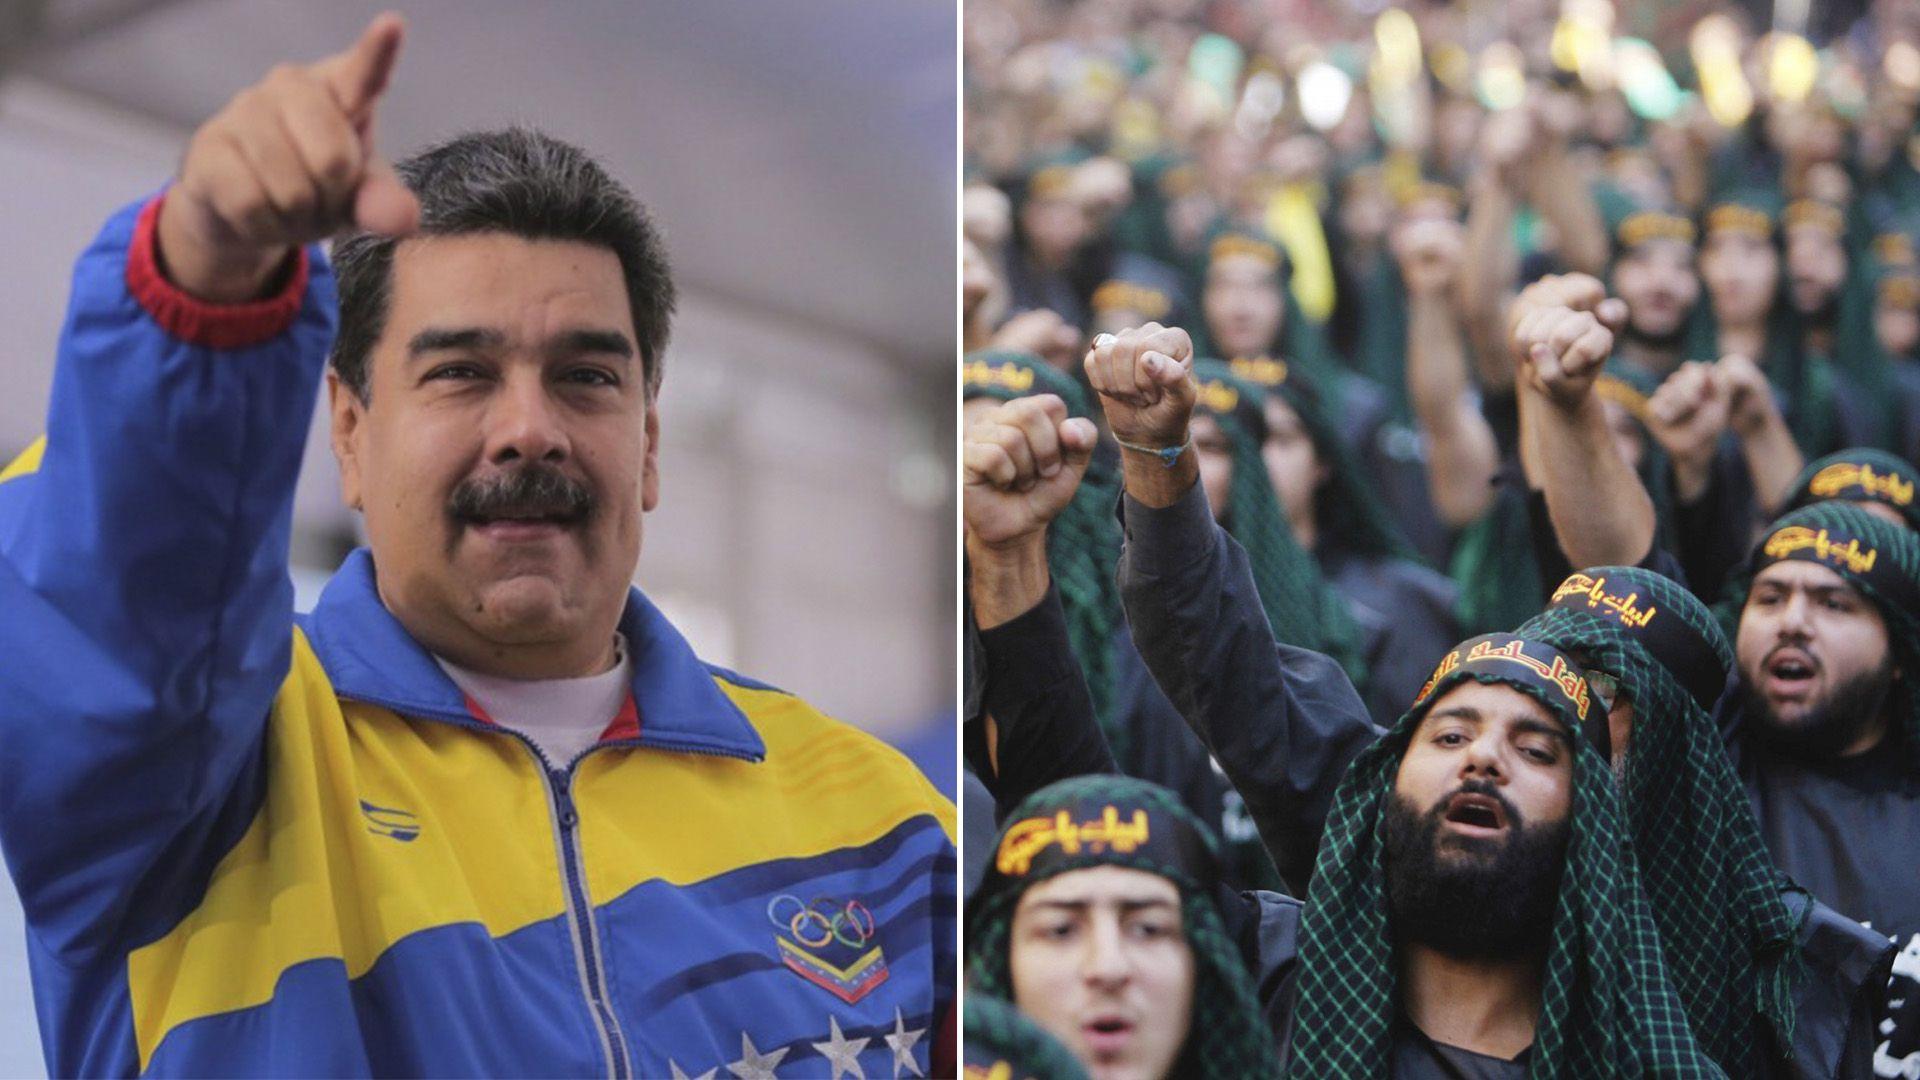 Desde hace años crecen las denuncias por los vínculos entre el chavismo y Hezbollah